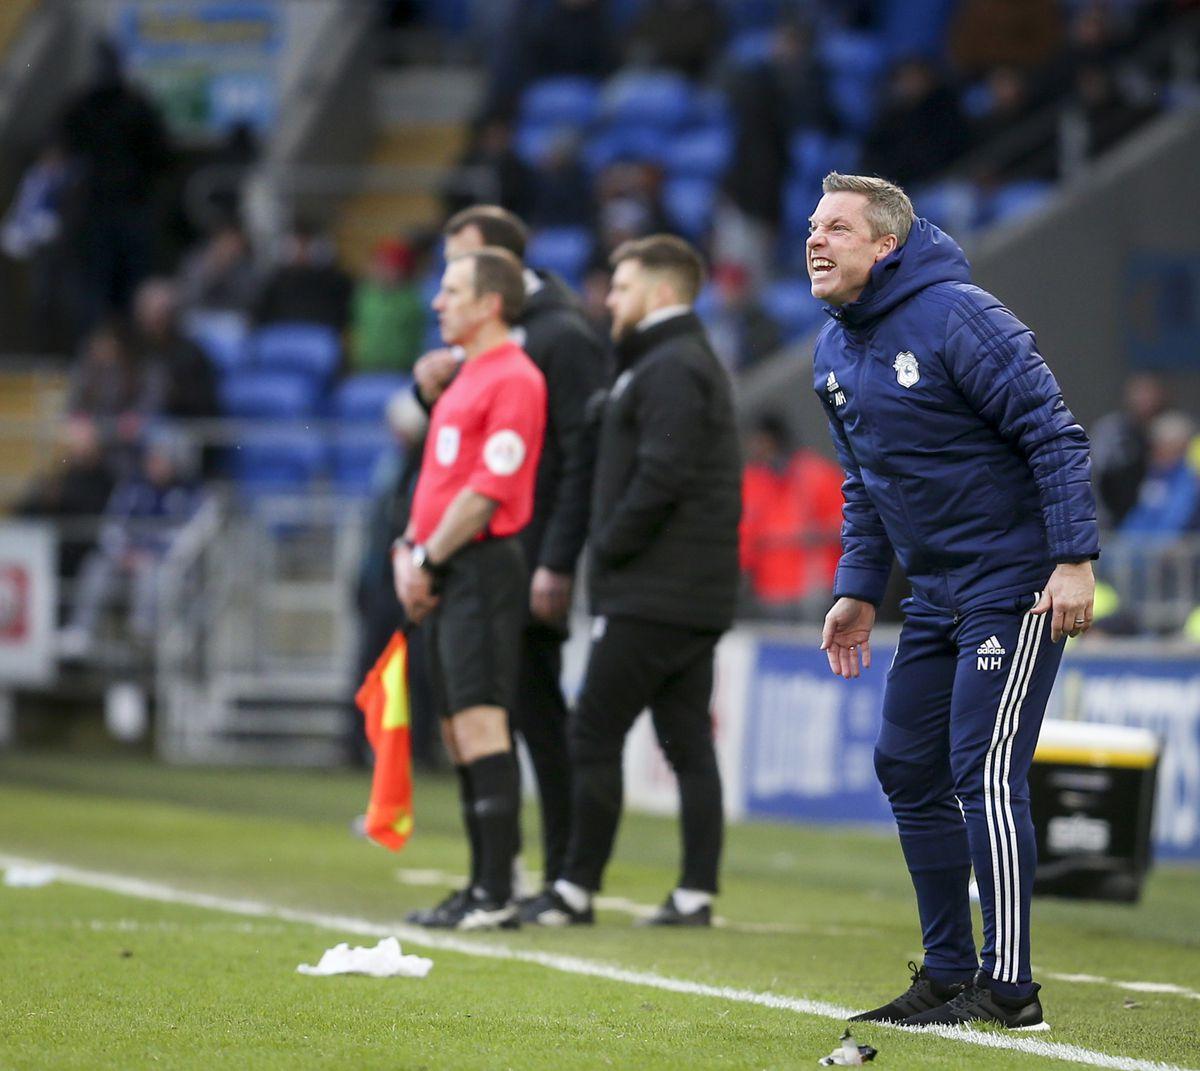 Cardiff City v Brentford - Sky Bet Championship